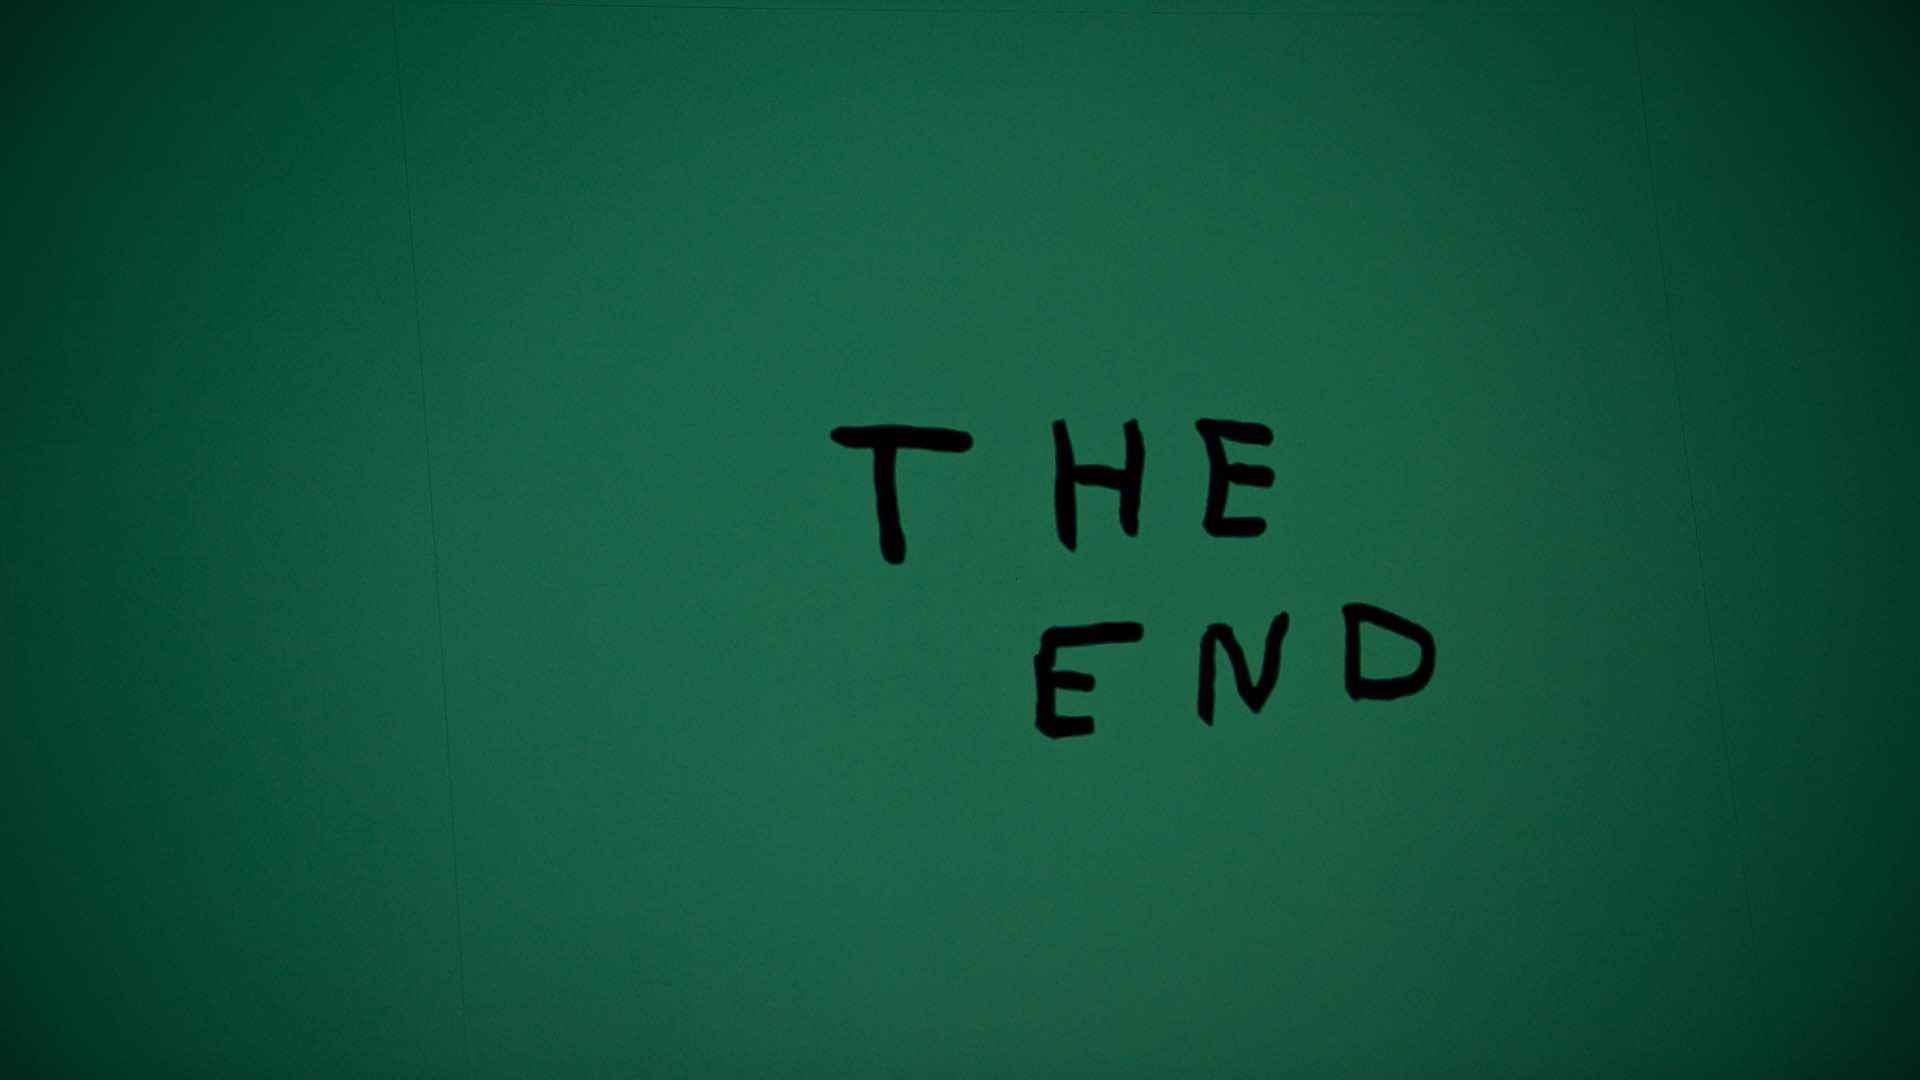 Ende des Verfahrens (Symbol Ende)